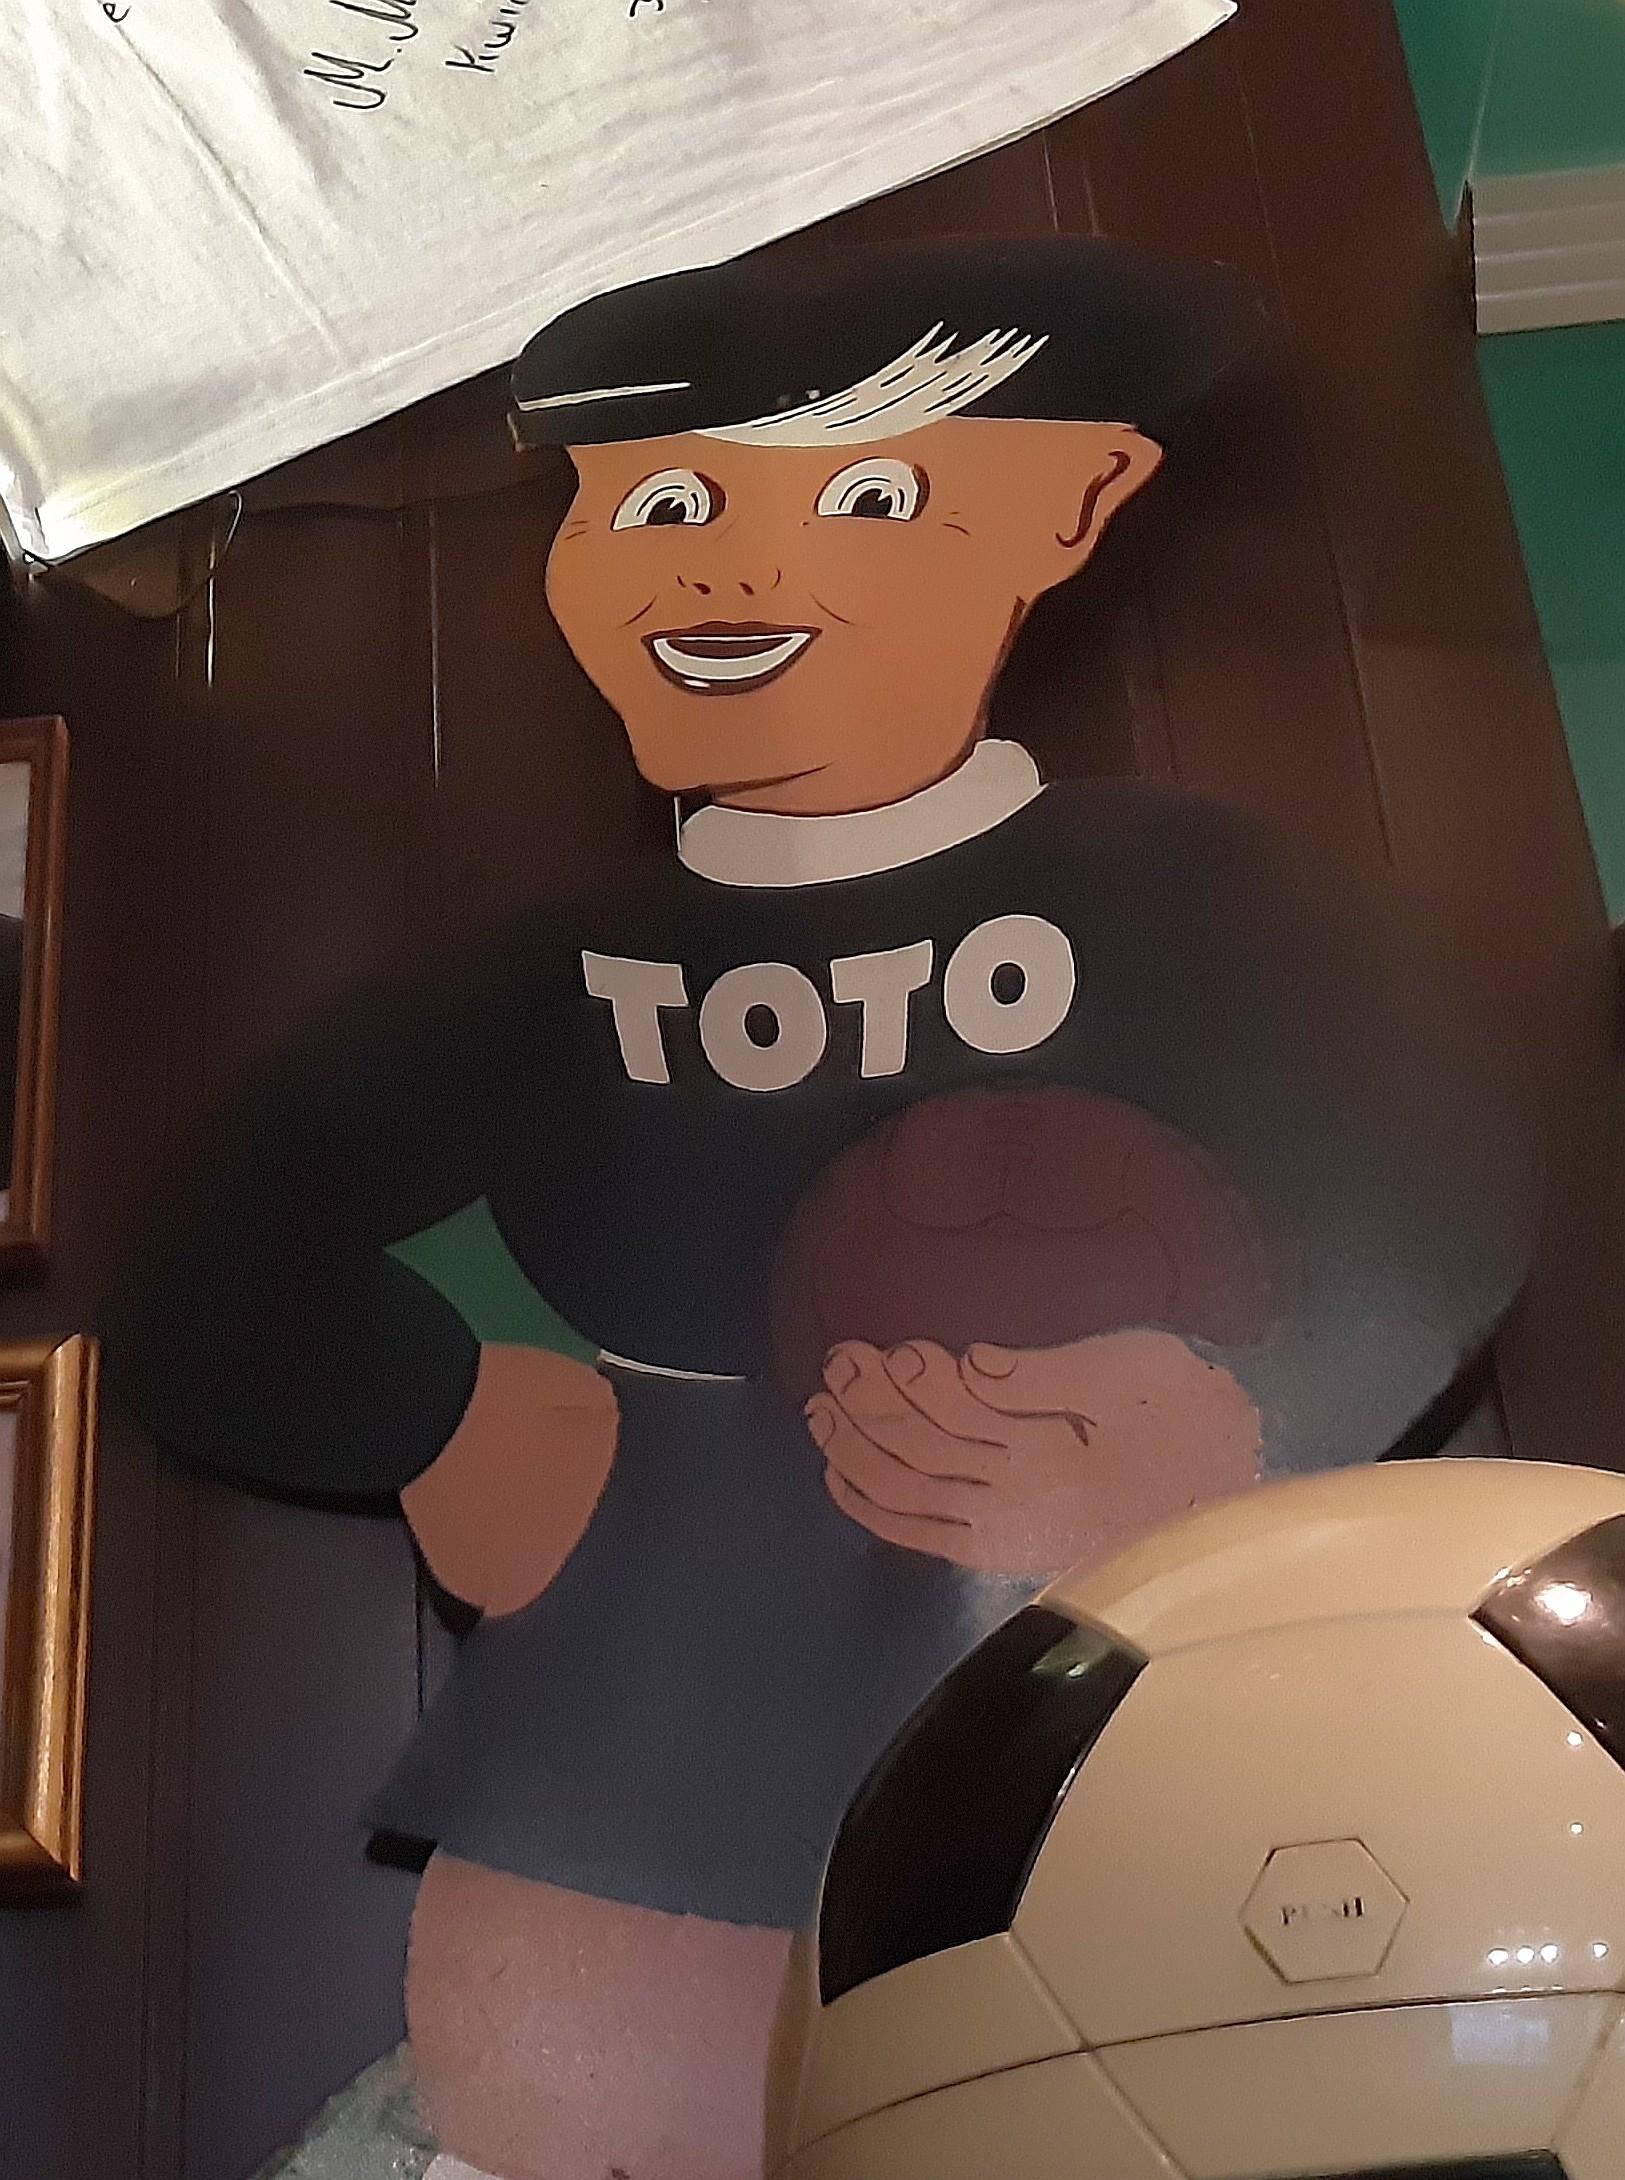 Der Toto-Fritze